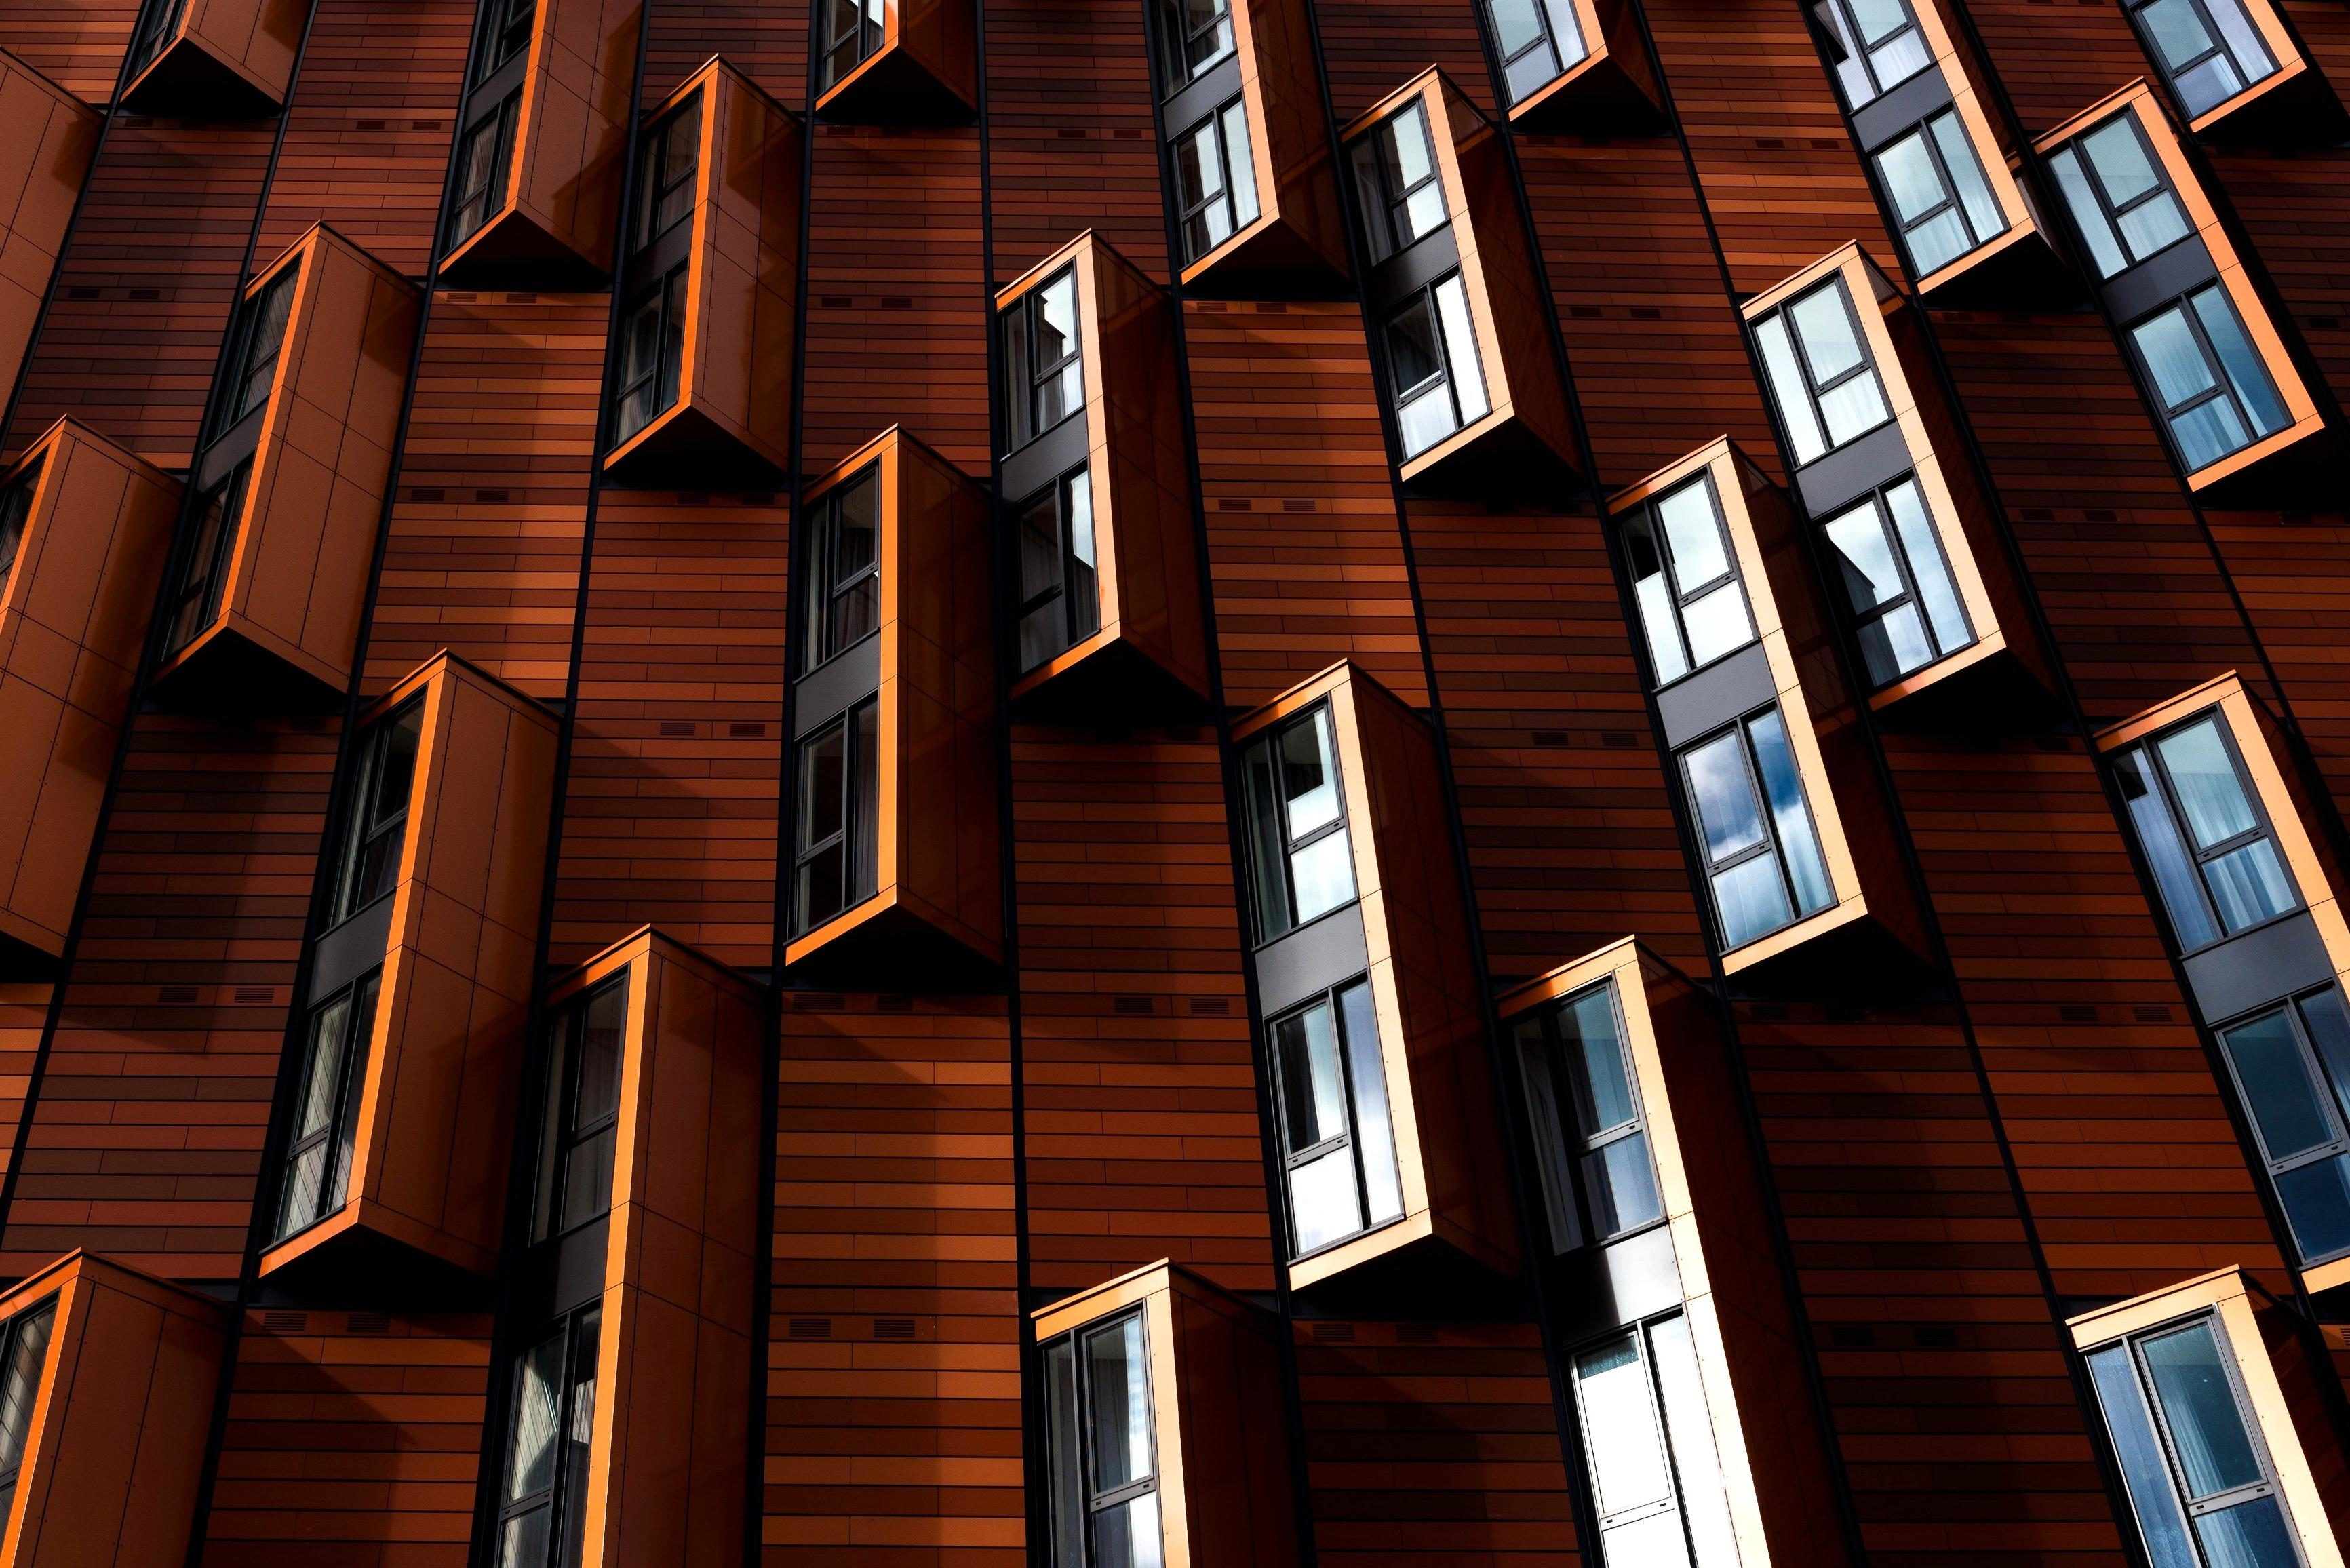 Kostenlose Bild Fenster Gebude moderne Architektur auen